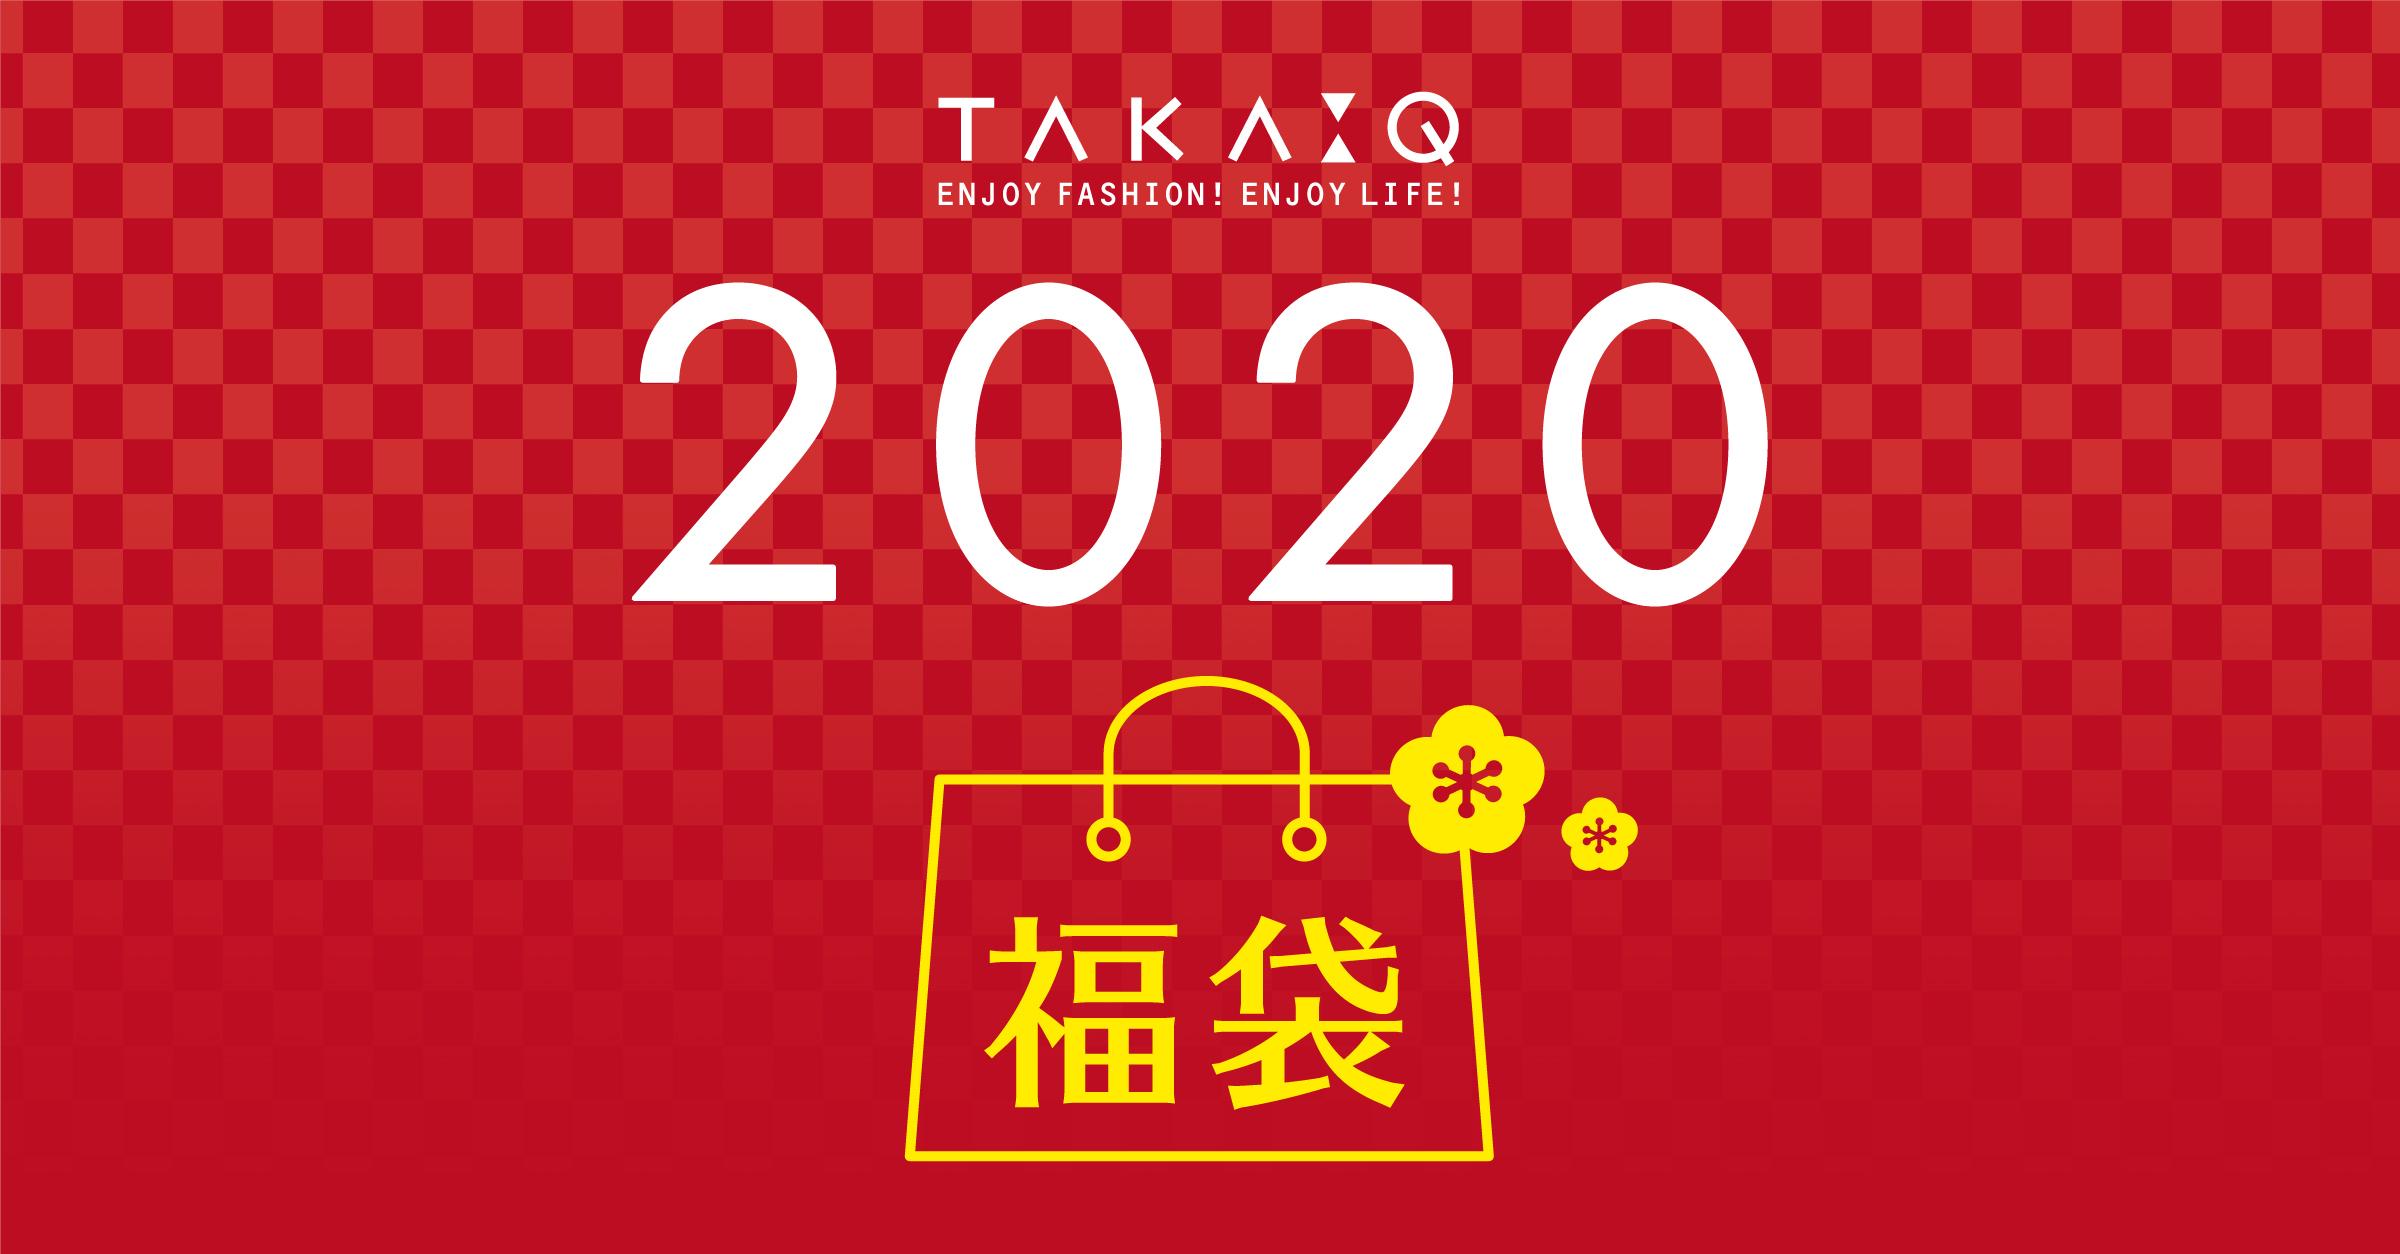 2020年新春福袋先行予約販売